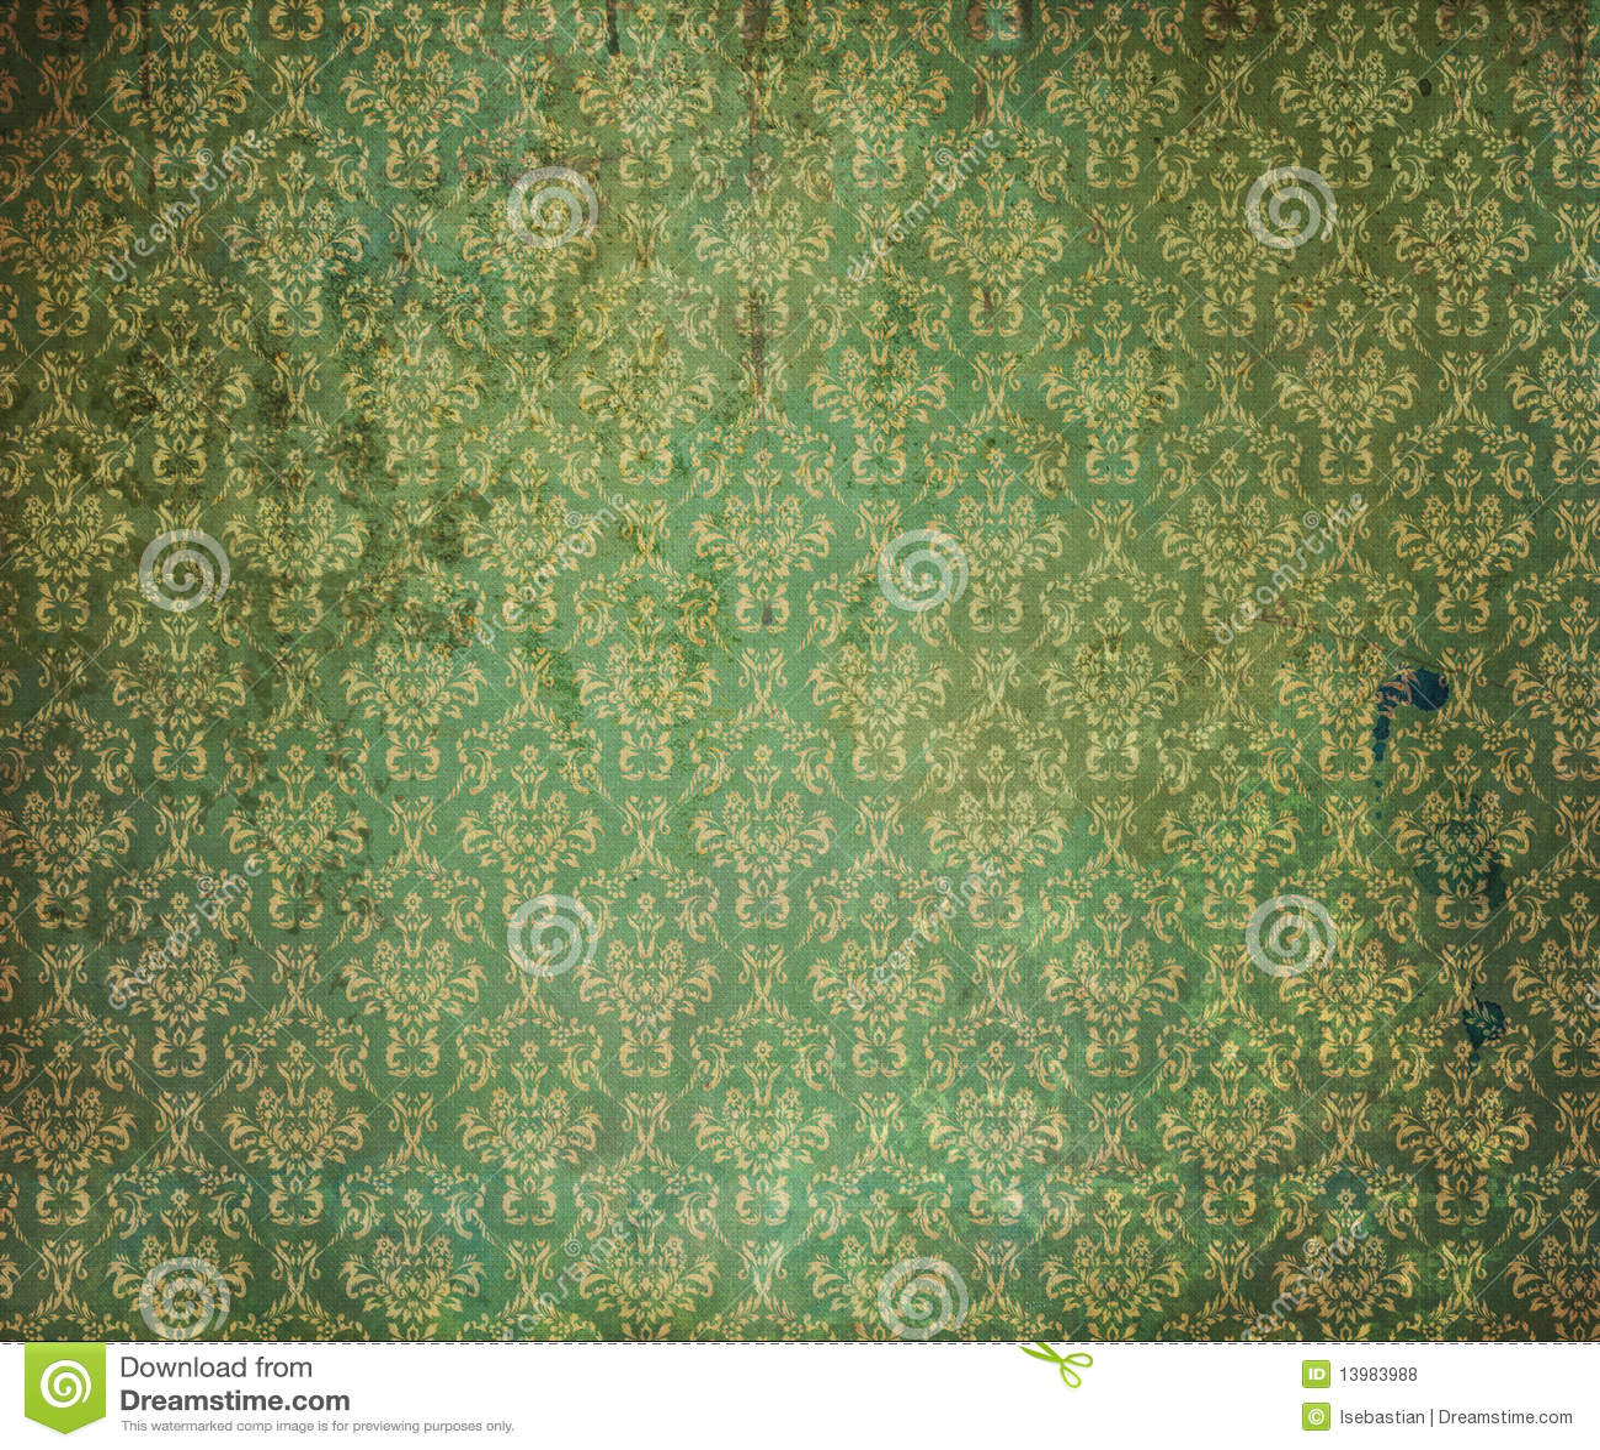 vieux papier peint vert photos libres de droits image 13983988. Black Bedroom Furniture Sets. Home Design Ideas